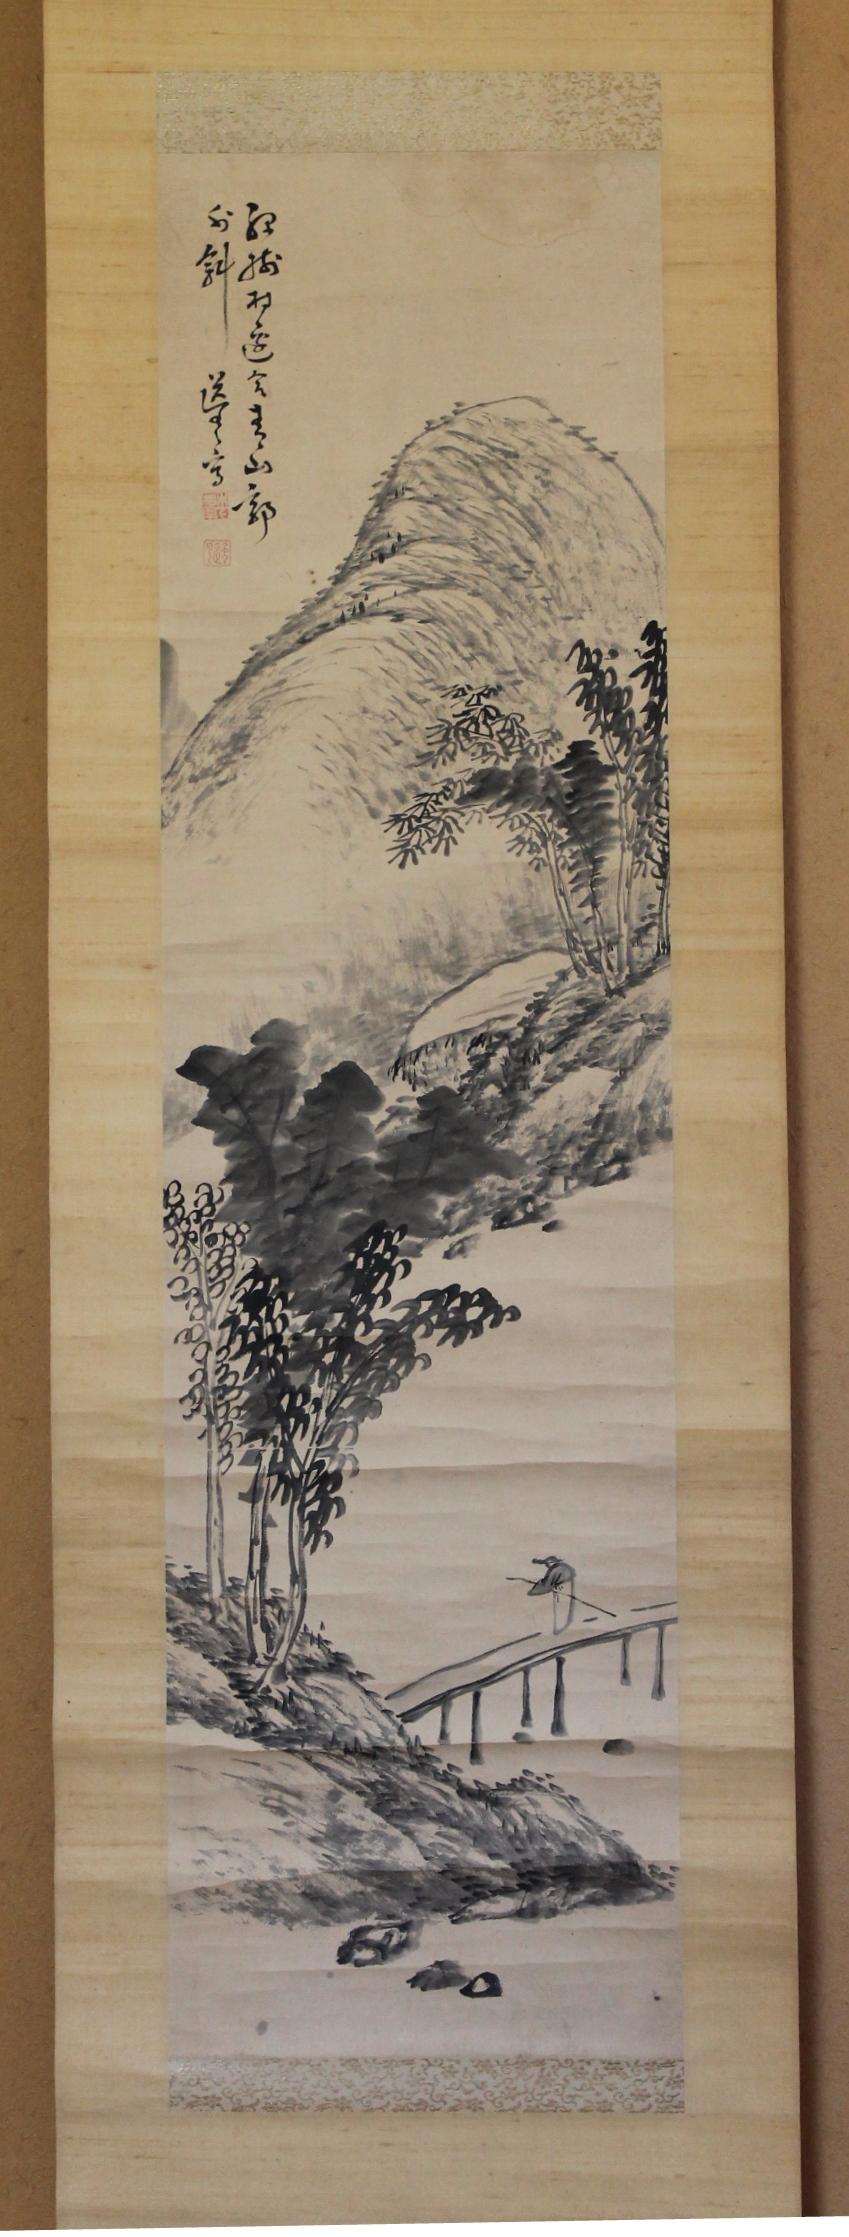 長崎三大家 木下逸雲 山水図その二 | M&Kラボラトリーズ